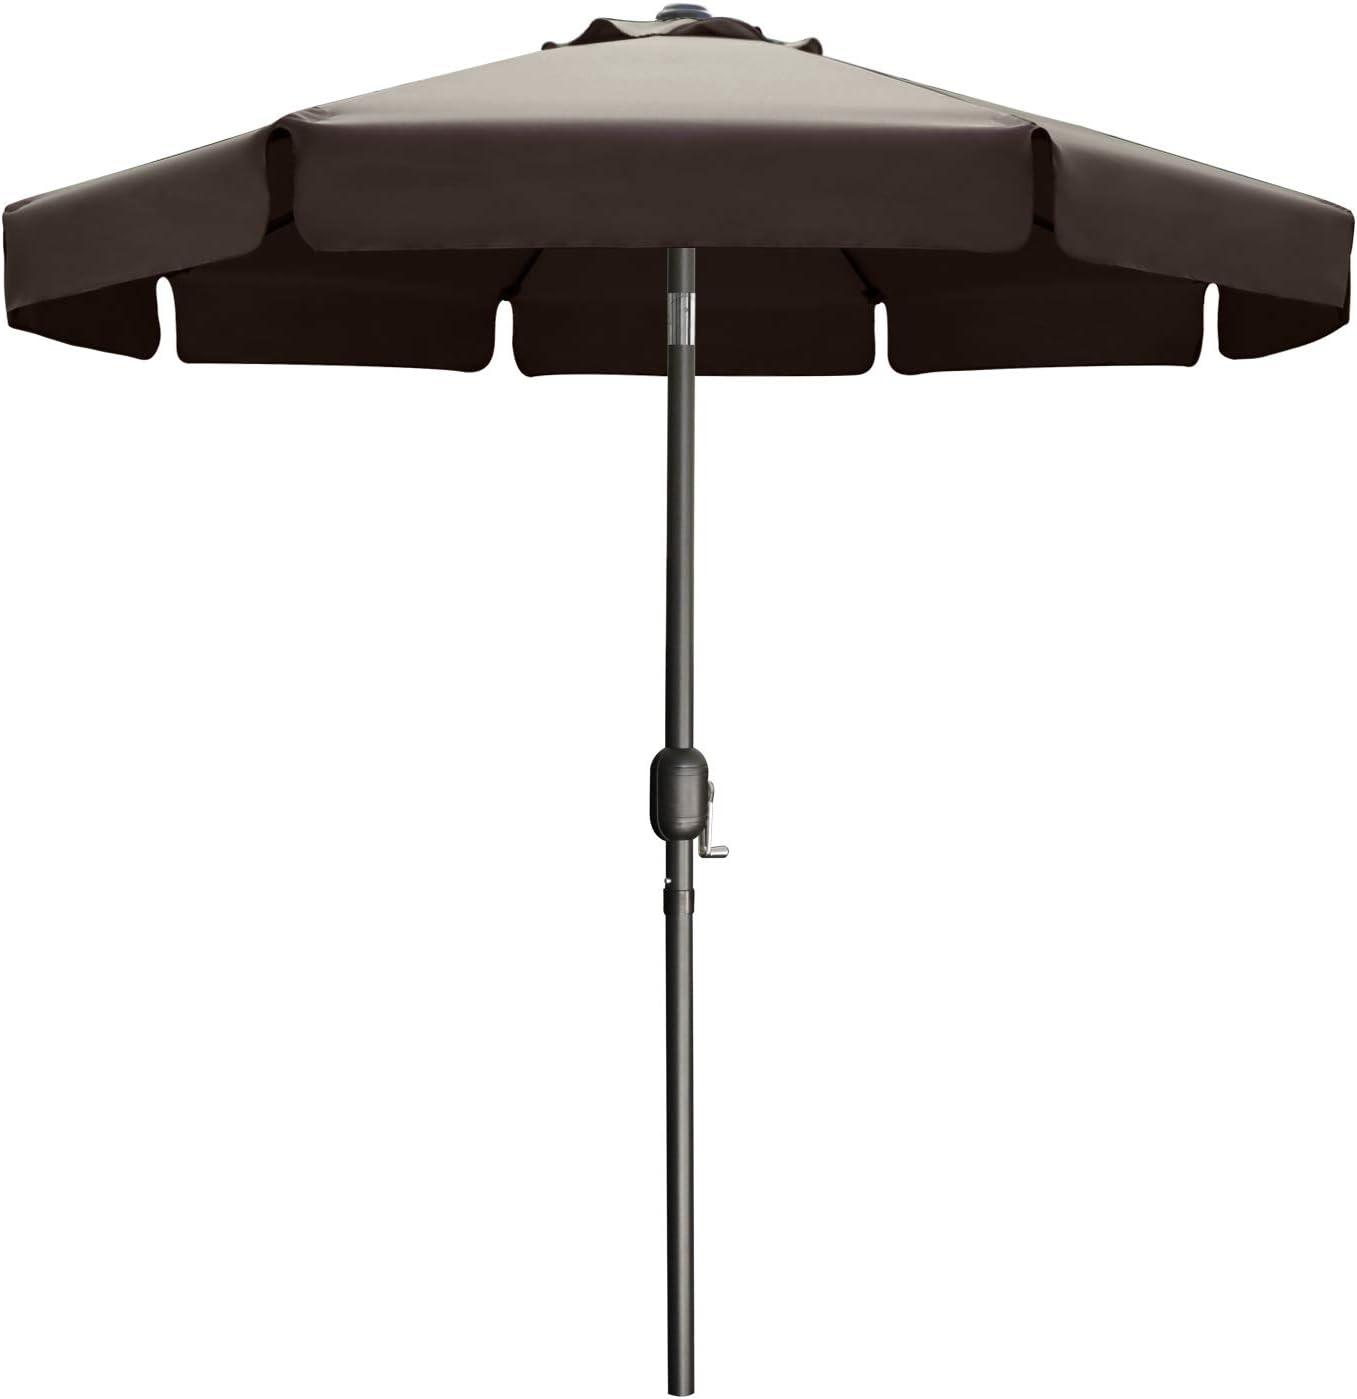 7.5' jardín al aire libre mesa paraguas patio paraguas mercado paraguas con botón inclinable para jardín, cubierta, patio trasero y piscina, 8 costillas 13+colores, marrón